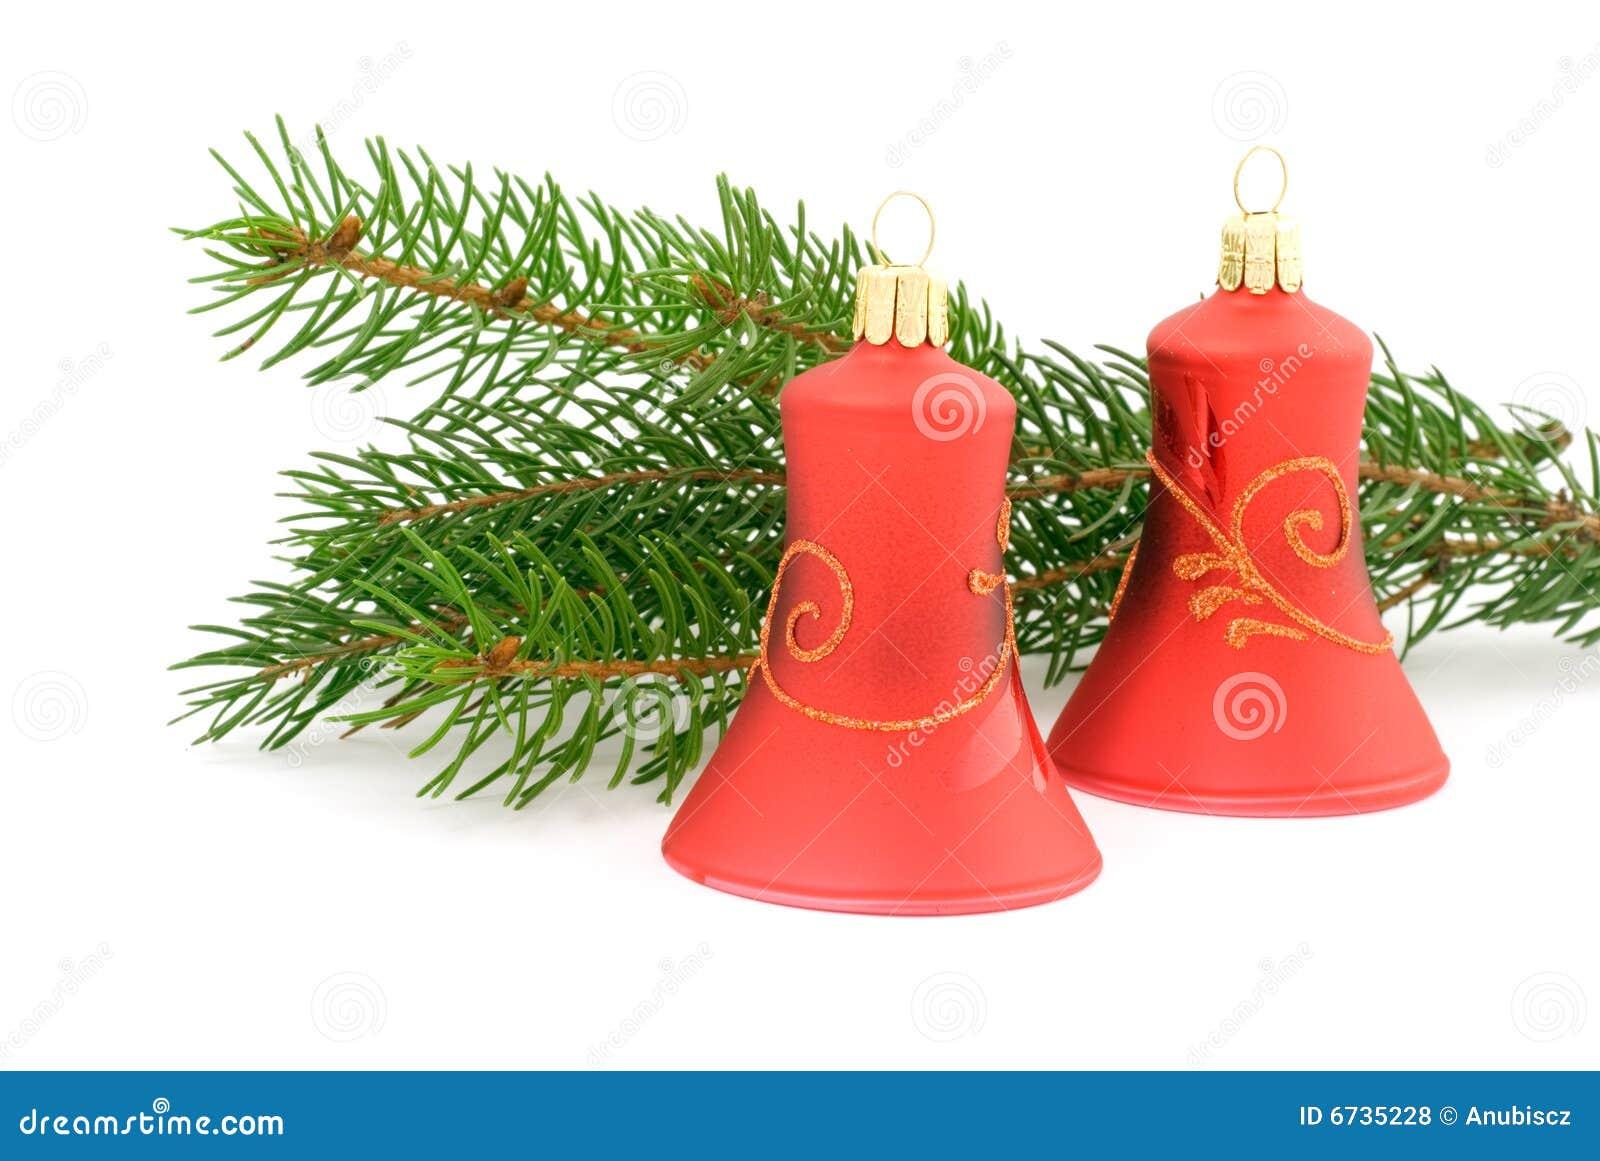 zwei rote weihnachtsglocken lizenzfreie stockfotos bild. Black Bedroom Furniture Sets. Home Design Ideas